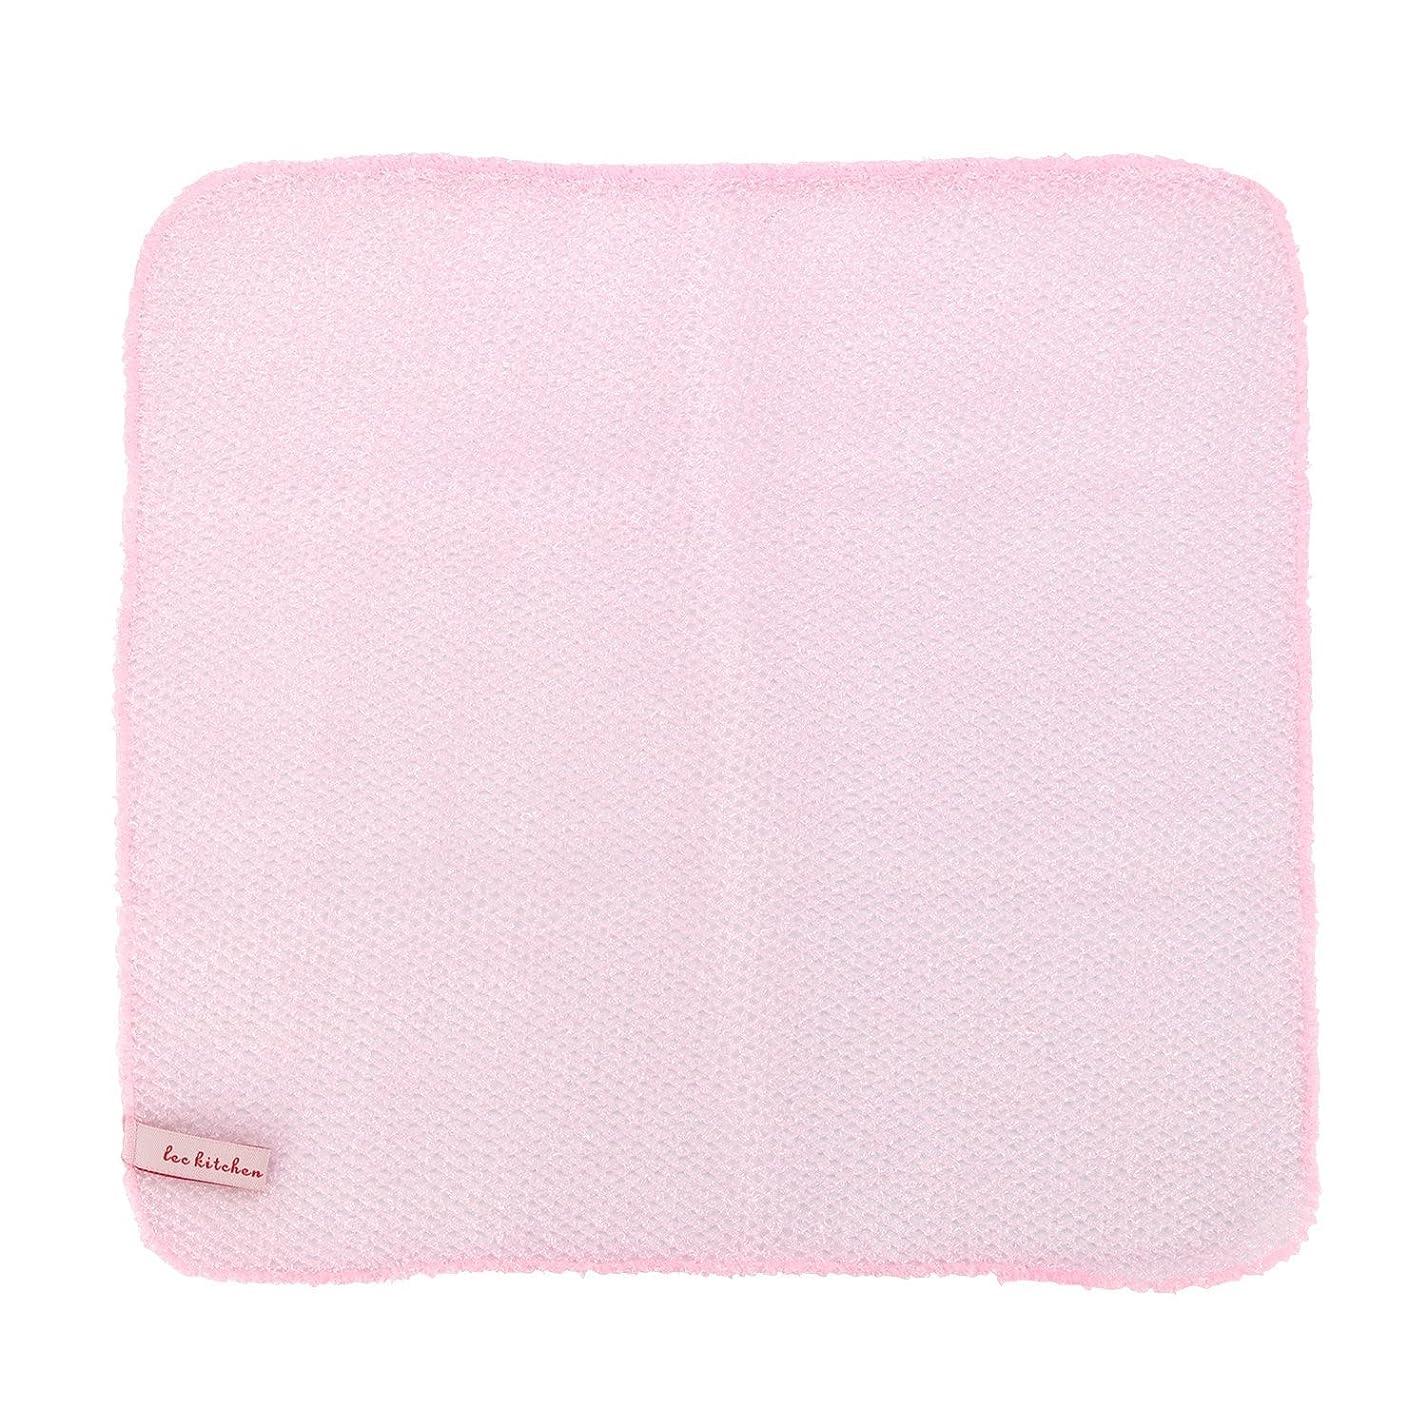 退却素敵な任命レック 水切れ?泡立ちのよい 食器洗いメッシュ (30×30cm) ピンク